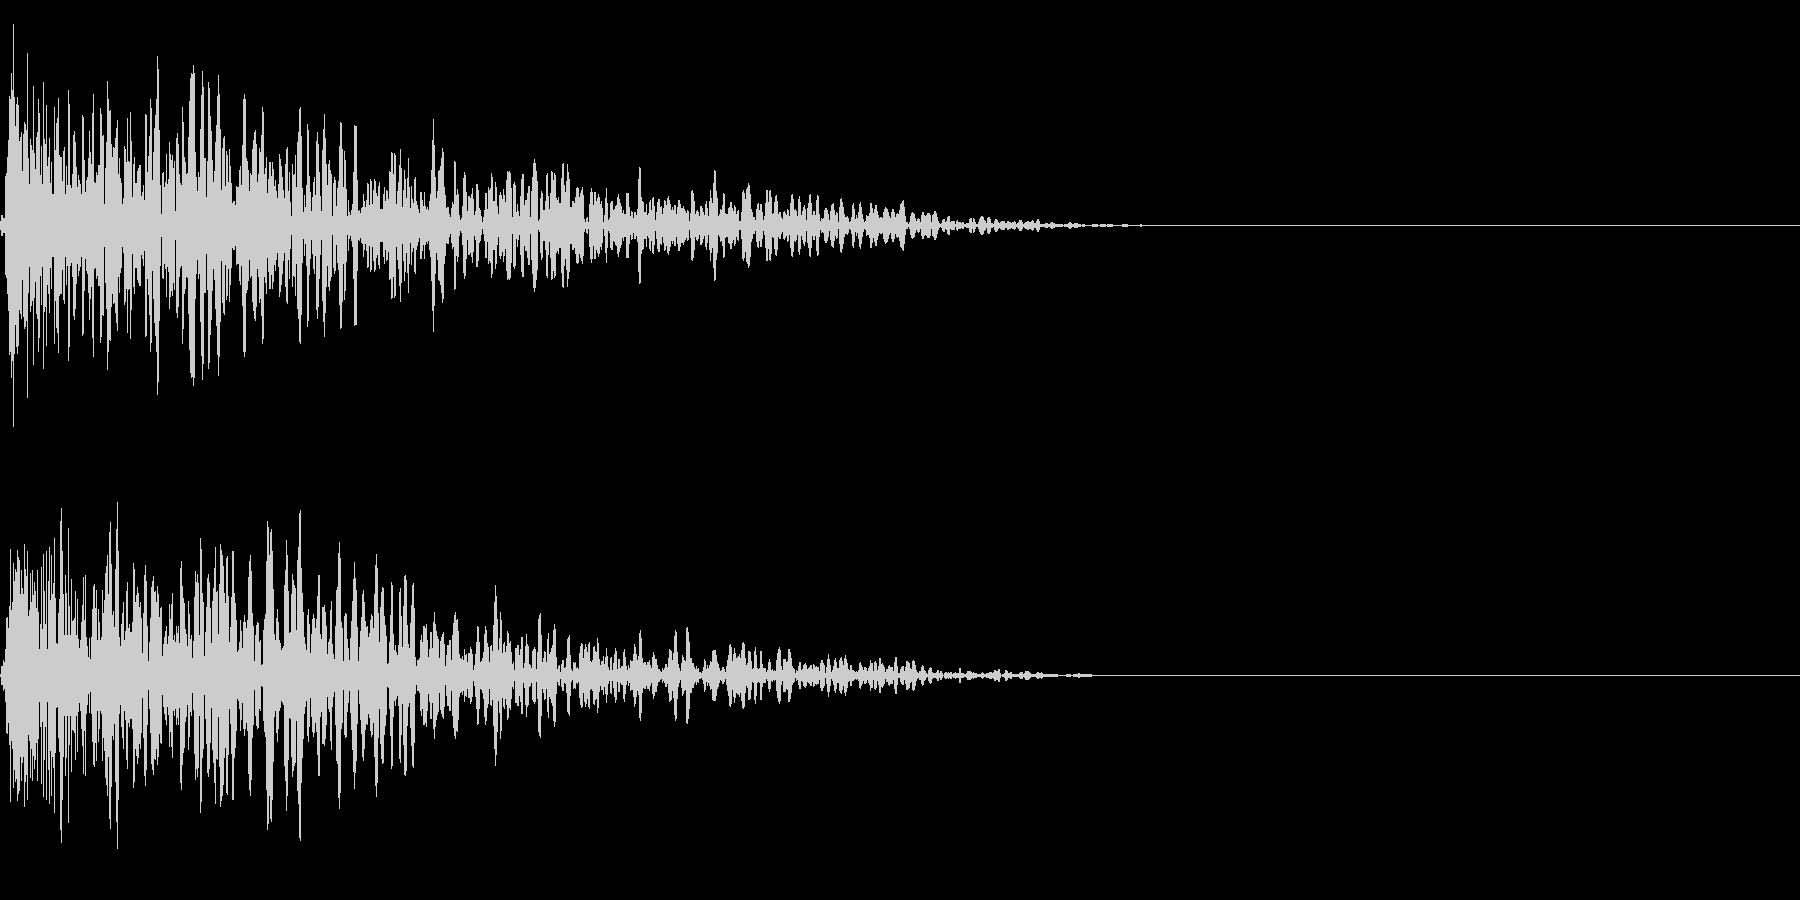 ボカーン (落雷・炎の魔法・爆発音)の未再生の波形